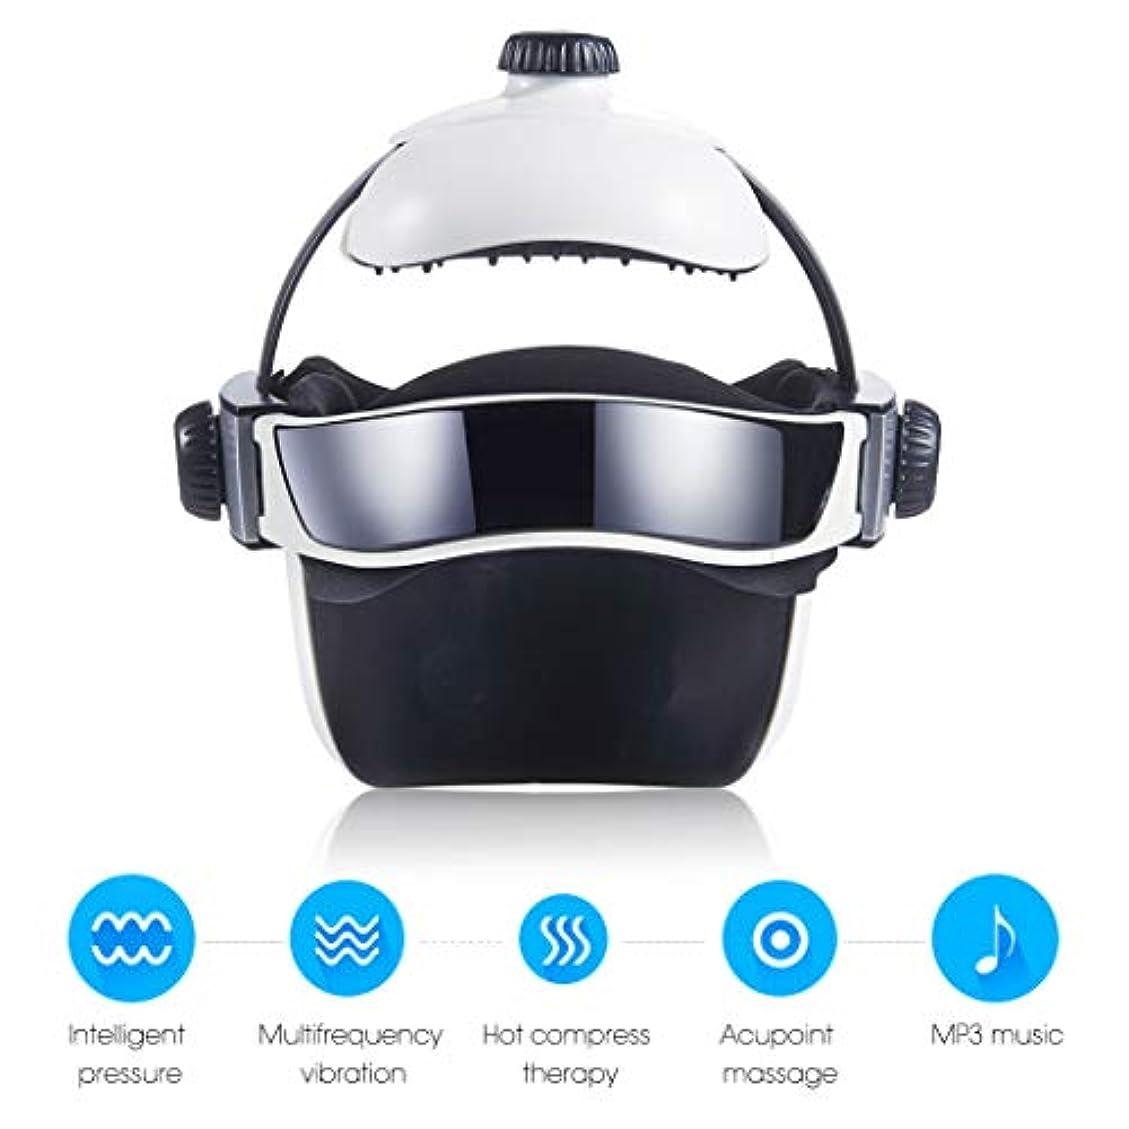 中央値習慣通信する熱空気圧縮振動フィンガープレスマッサージ、目、首マッサージ音楽なだめるリラックスヘルメットタイプの電動ヘッド